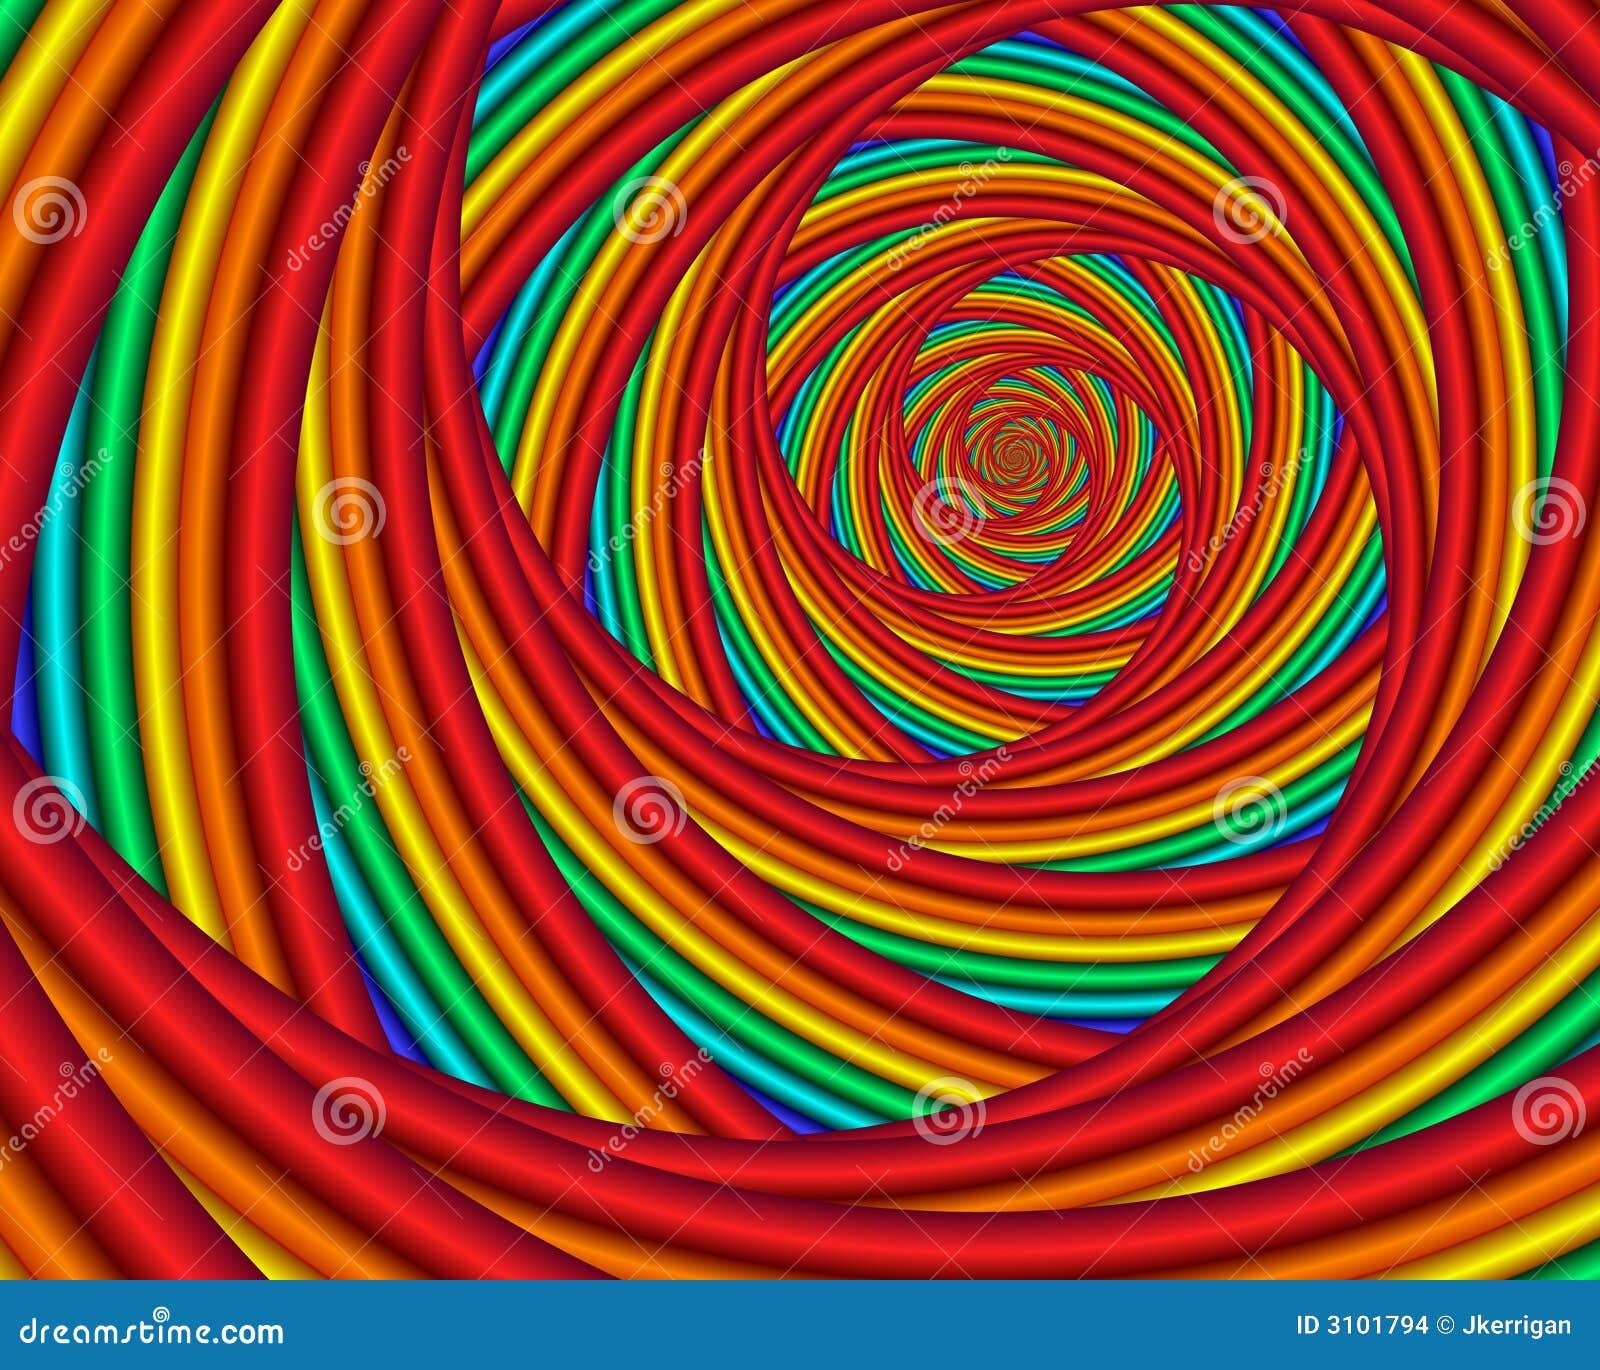 rainbow vortex stock illustration illustration of prism 3101794. Black Bedroom Furniture Sets. Home Design Ideas